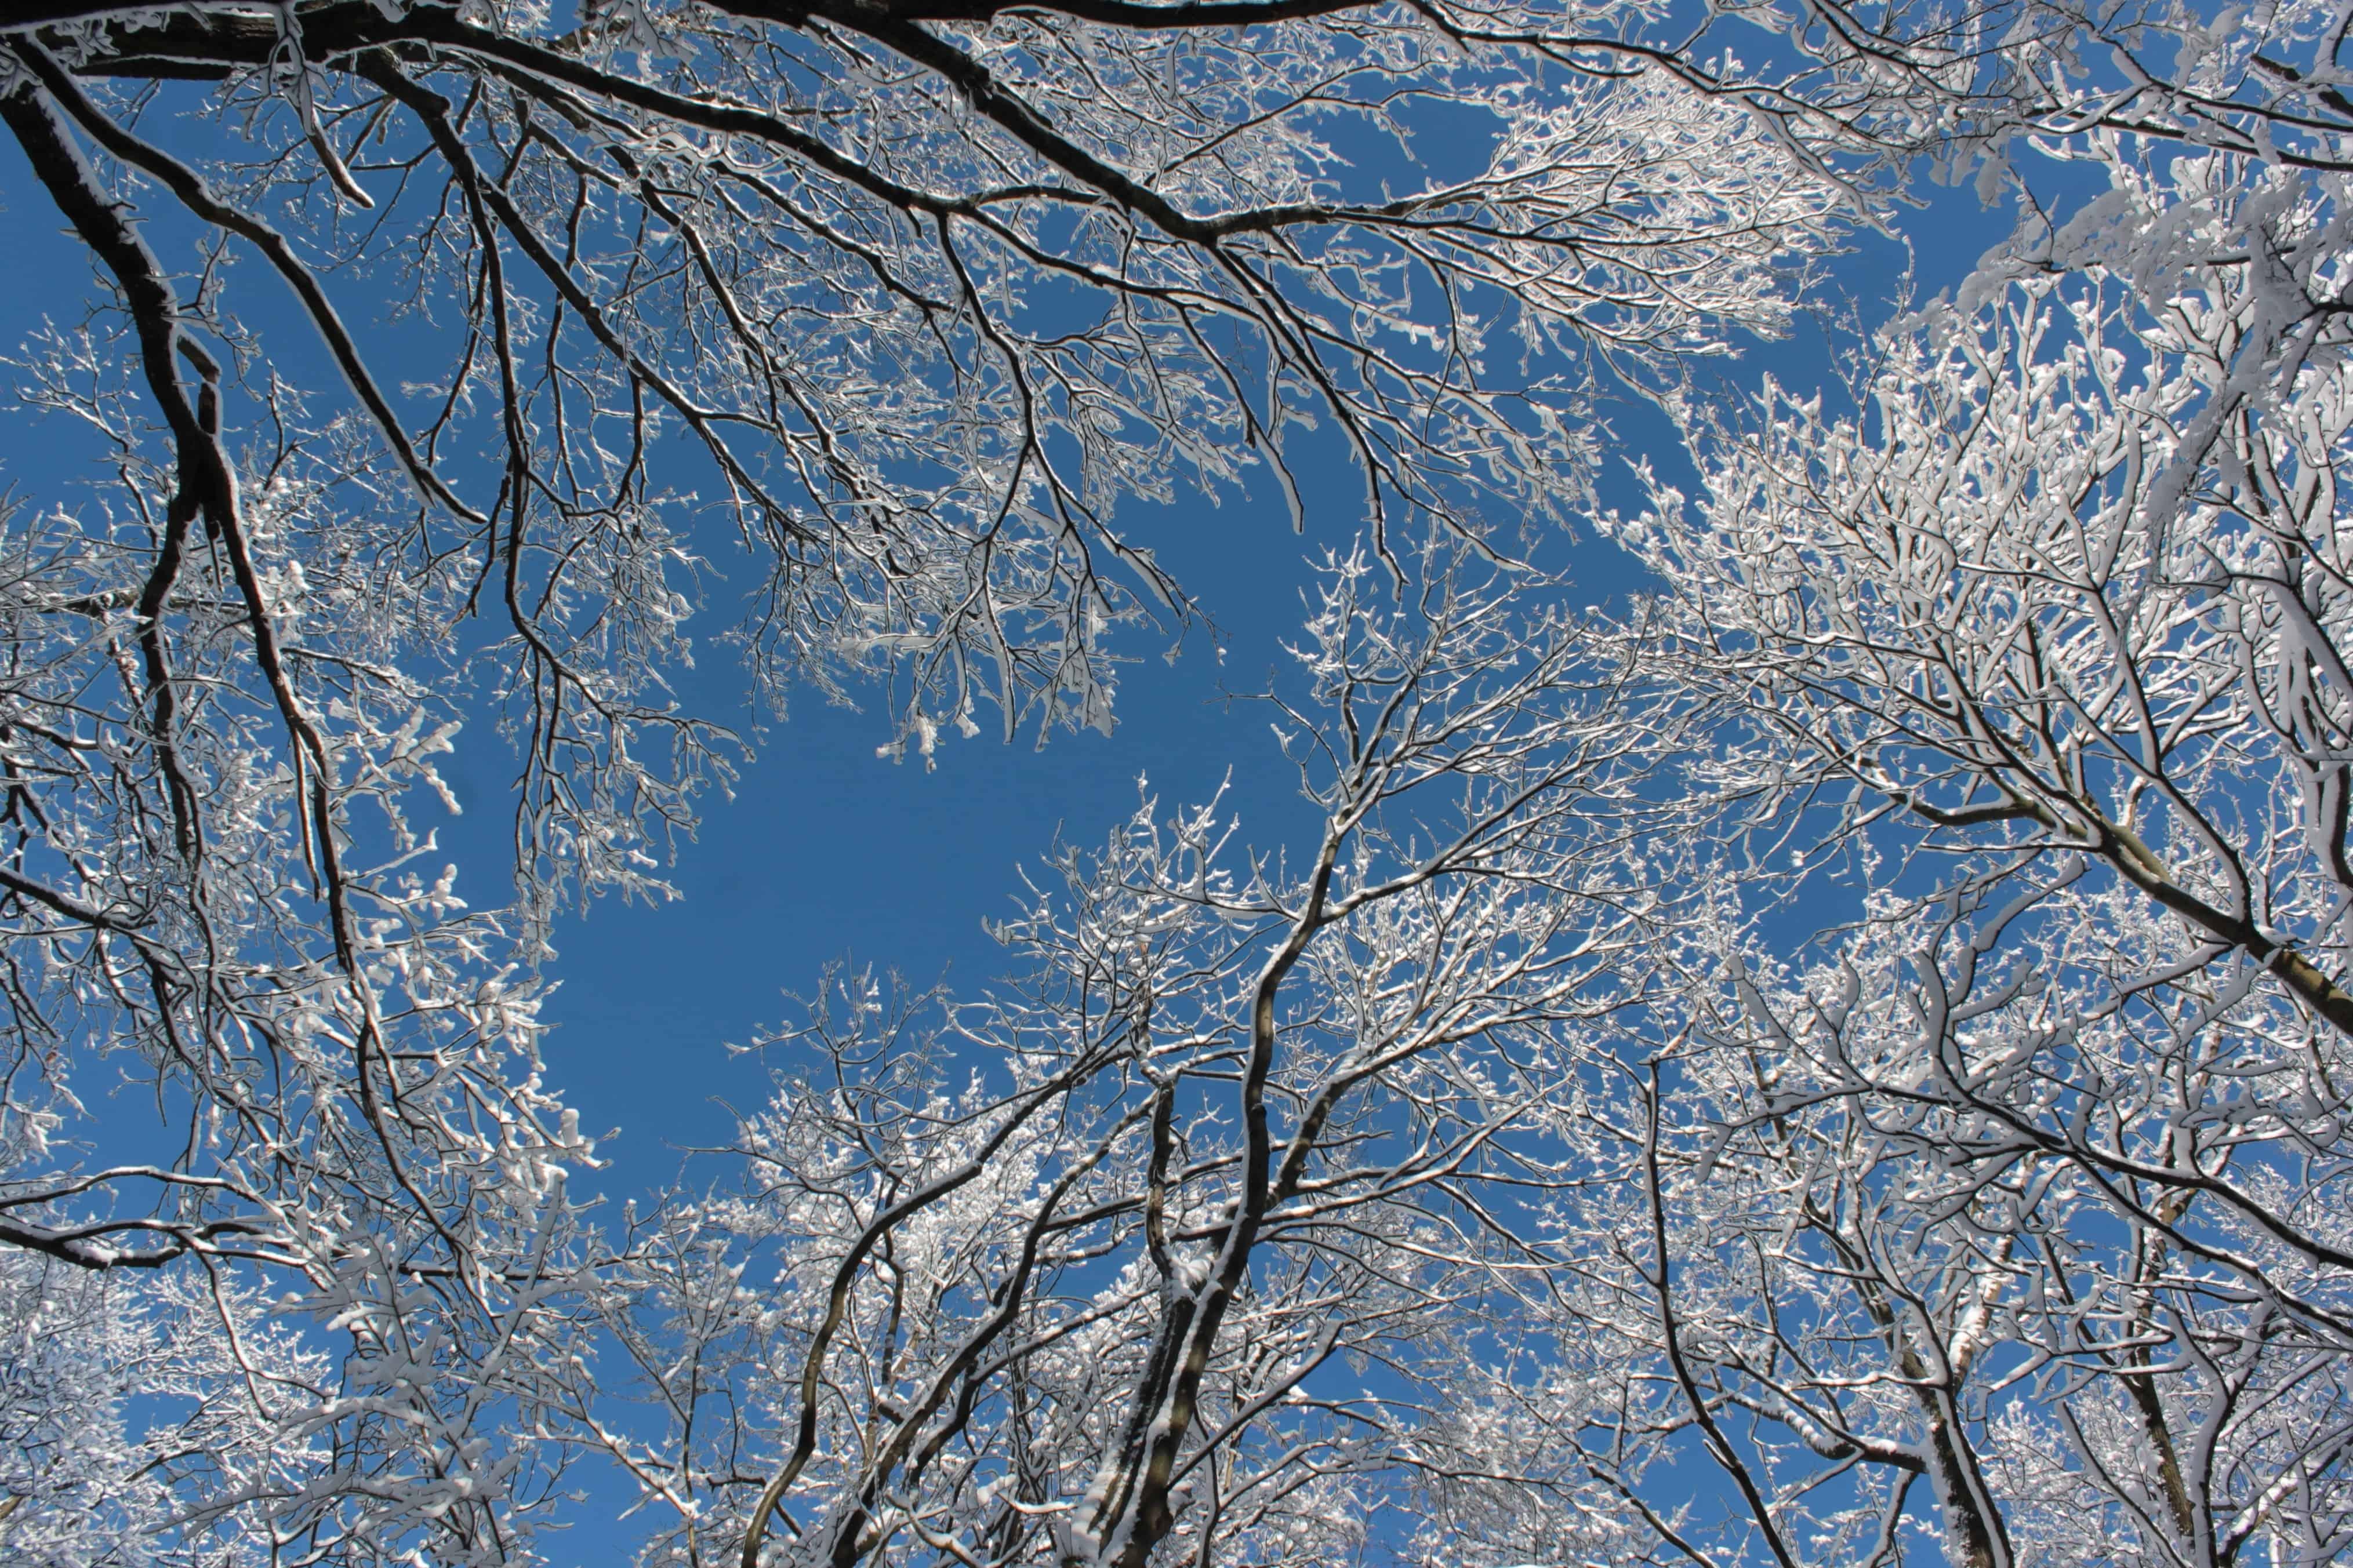 neige branche froid hiver givre arbre ciel bleu bois paysage - Arbre Ciel